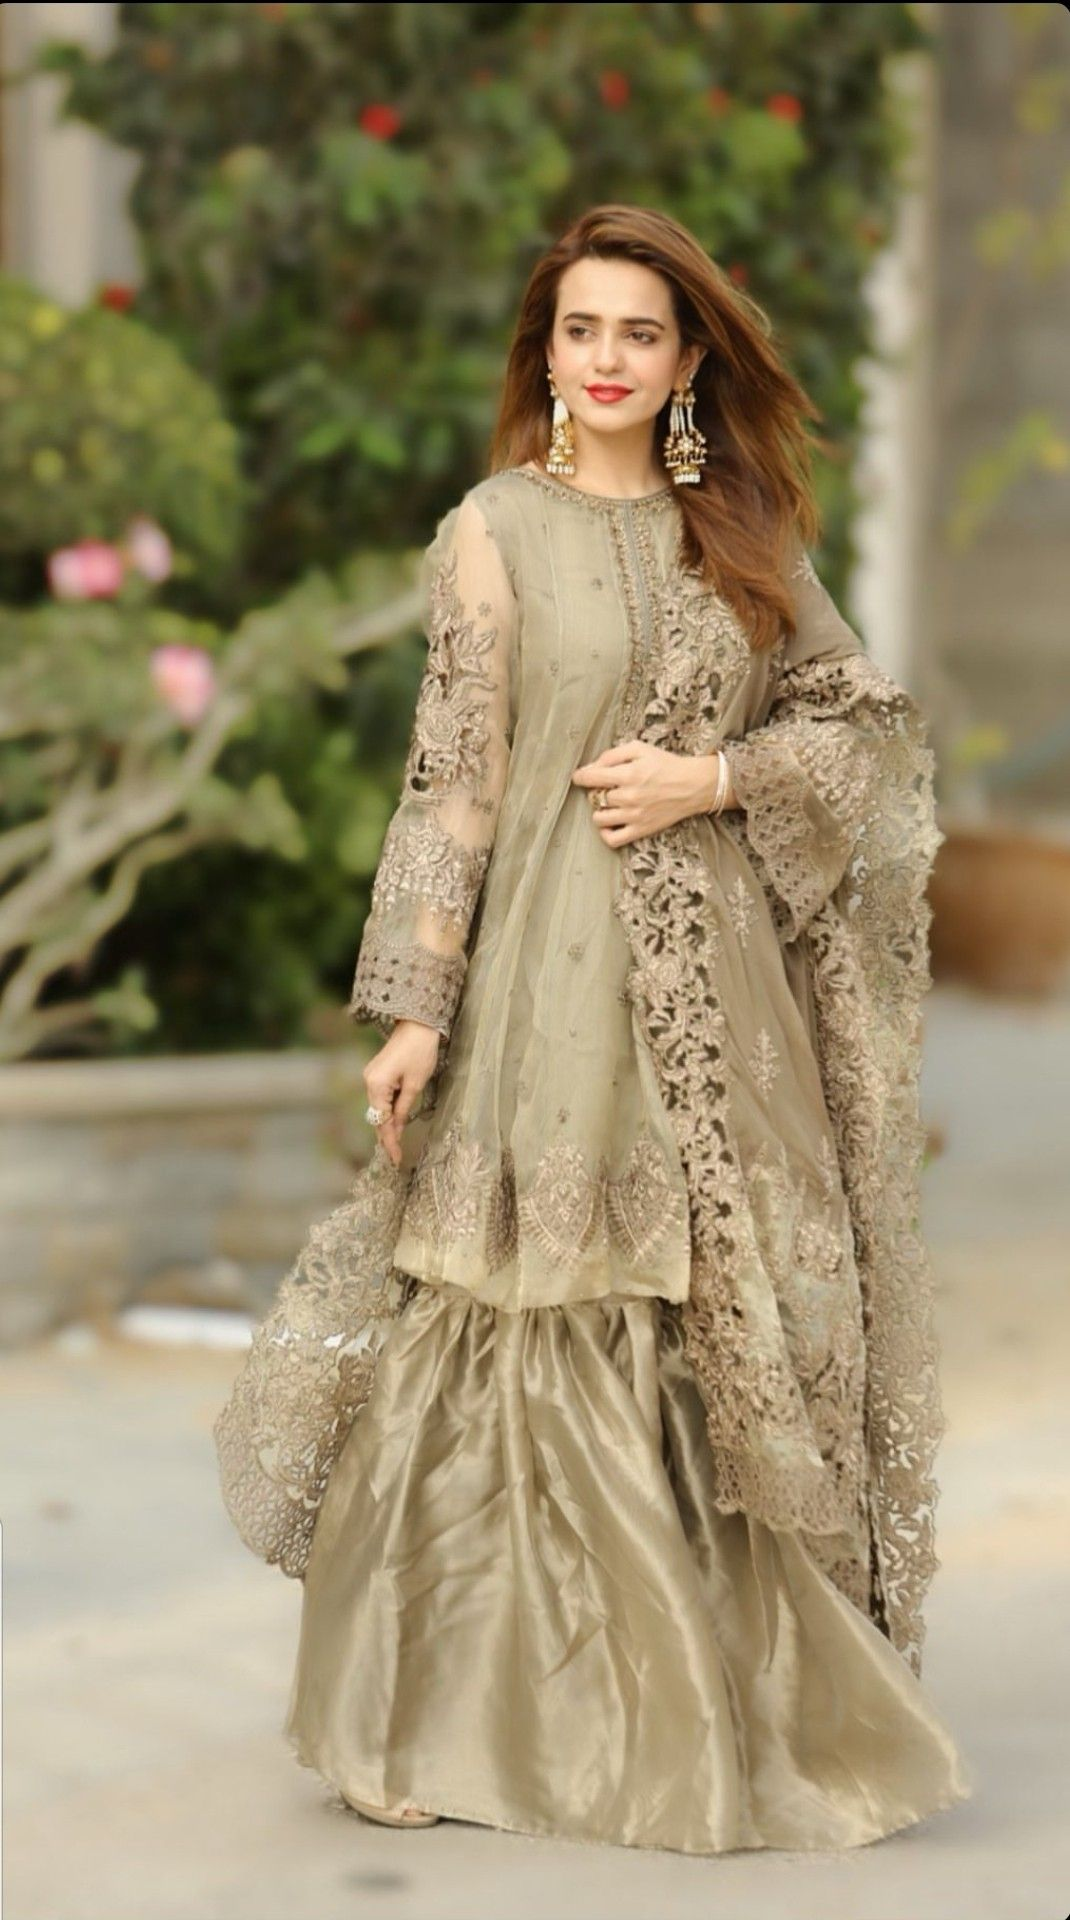 1ѕt Ag Oƒ Ei Pakistani Dresses Casual Stylish Party Dresses Pakistani Bridal Dresses,Suit Wedding Dresses For Mens In Sri Lanka